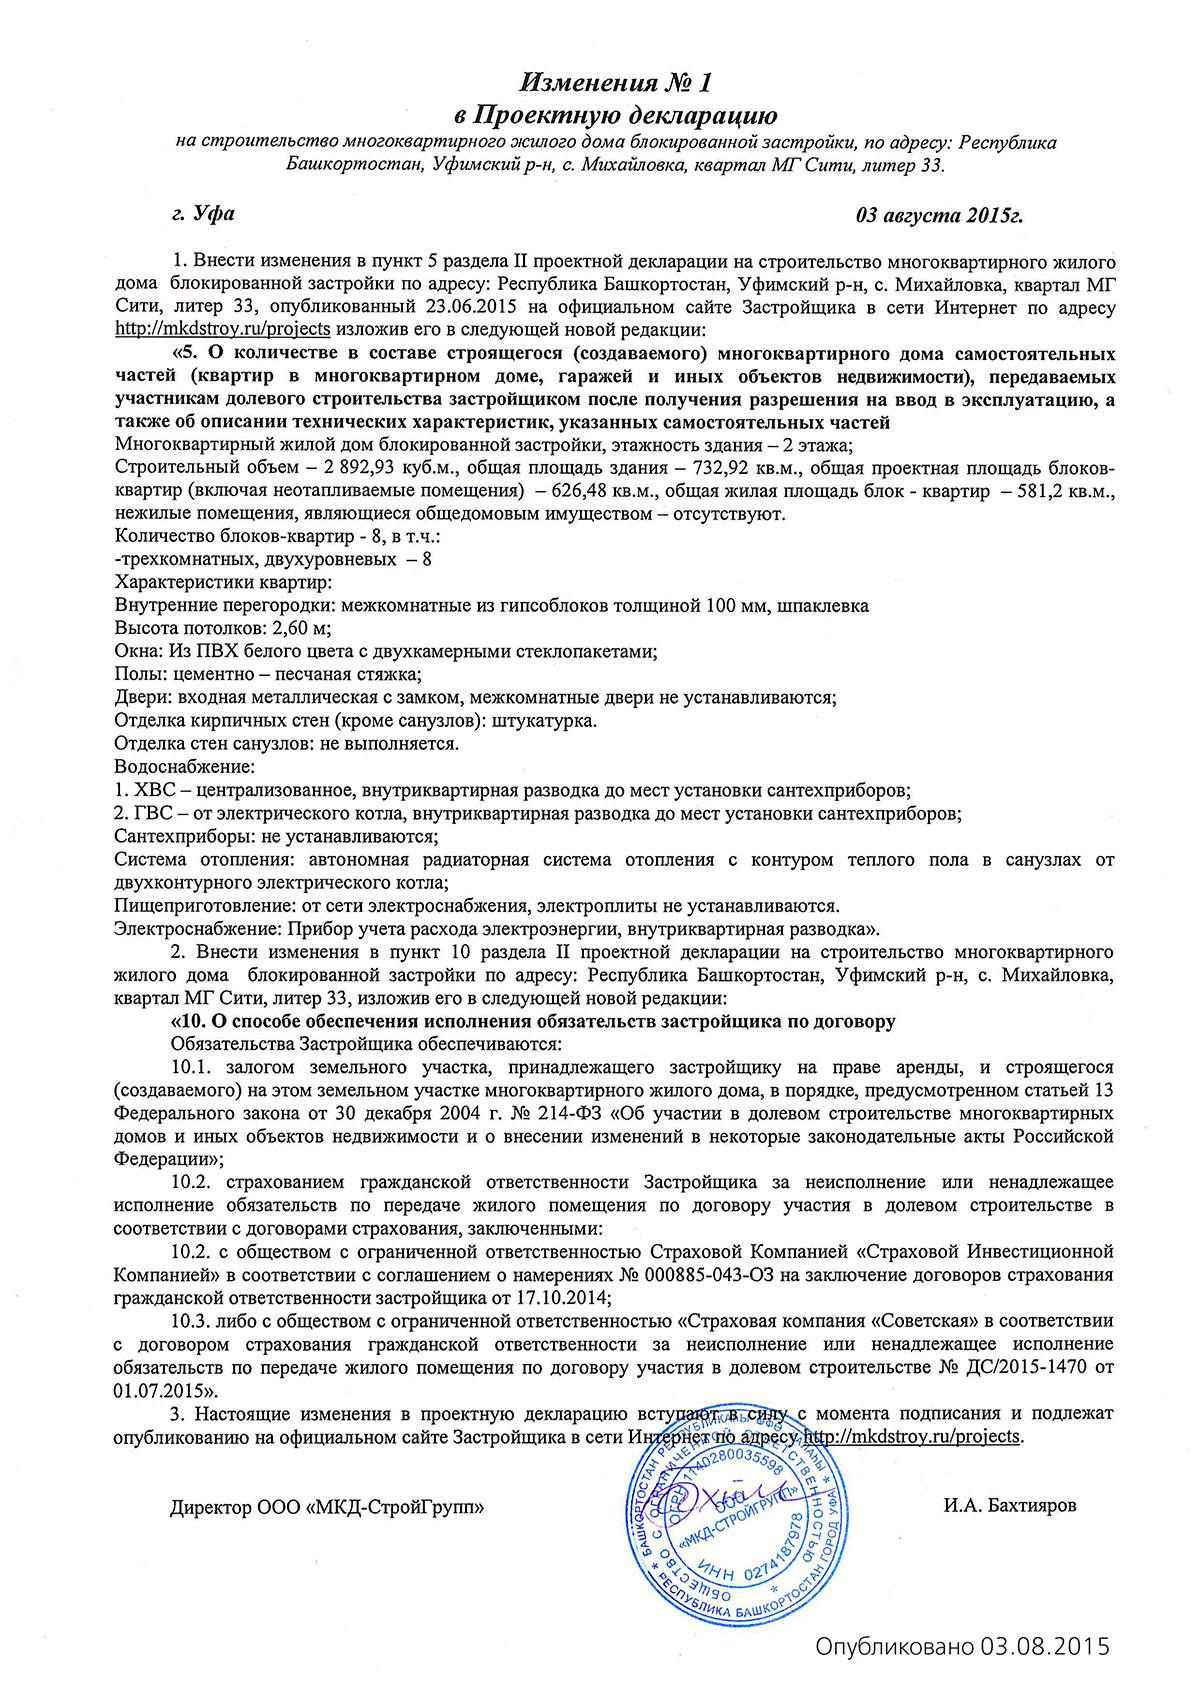 Образец договора намерения о покупке земельного участка понимаю